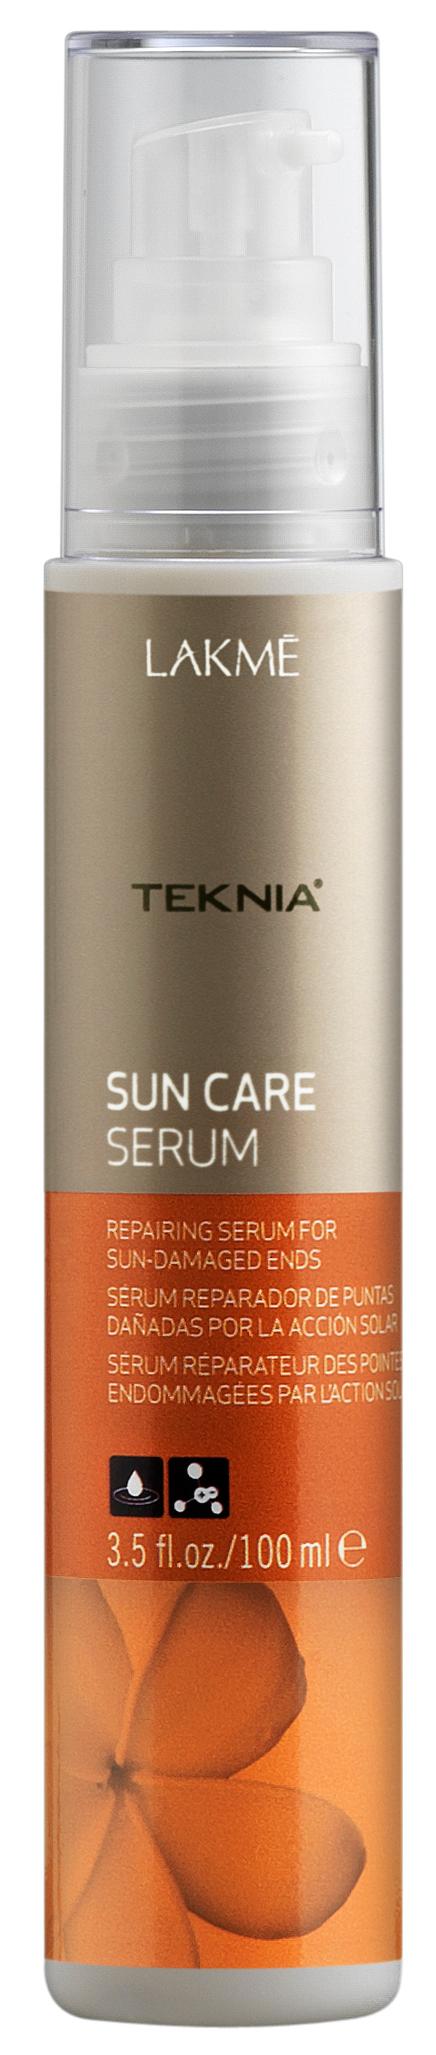 LAKME Сыворотка для восстановления поврежденных солнцем кончиков волос / SUN CARE SERUM 100 мл